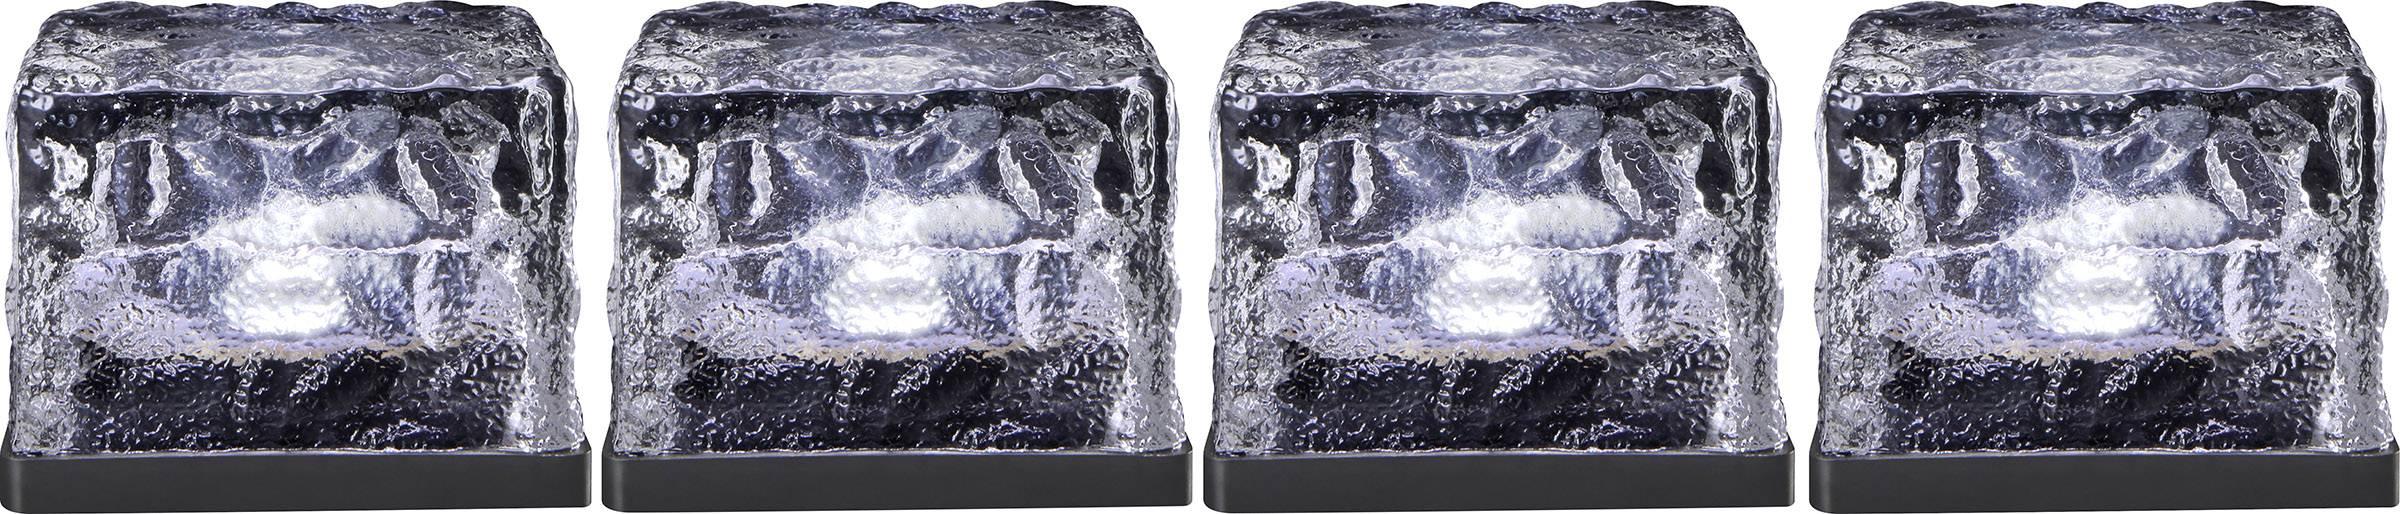 LED solární dekorativní osvětlení kostka ledu Polarlite 0.08 W, IP44, studená bílá